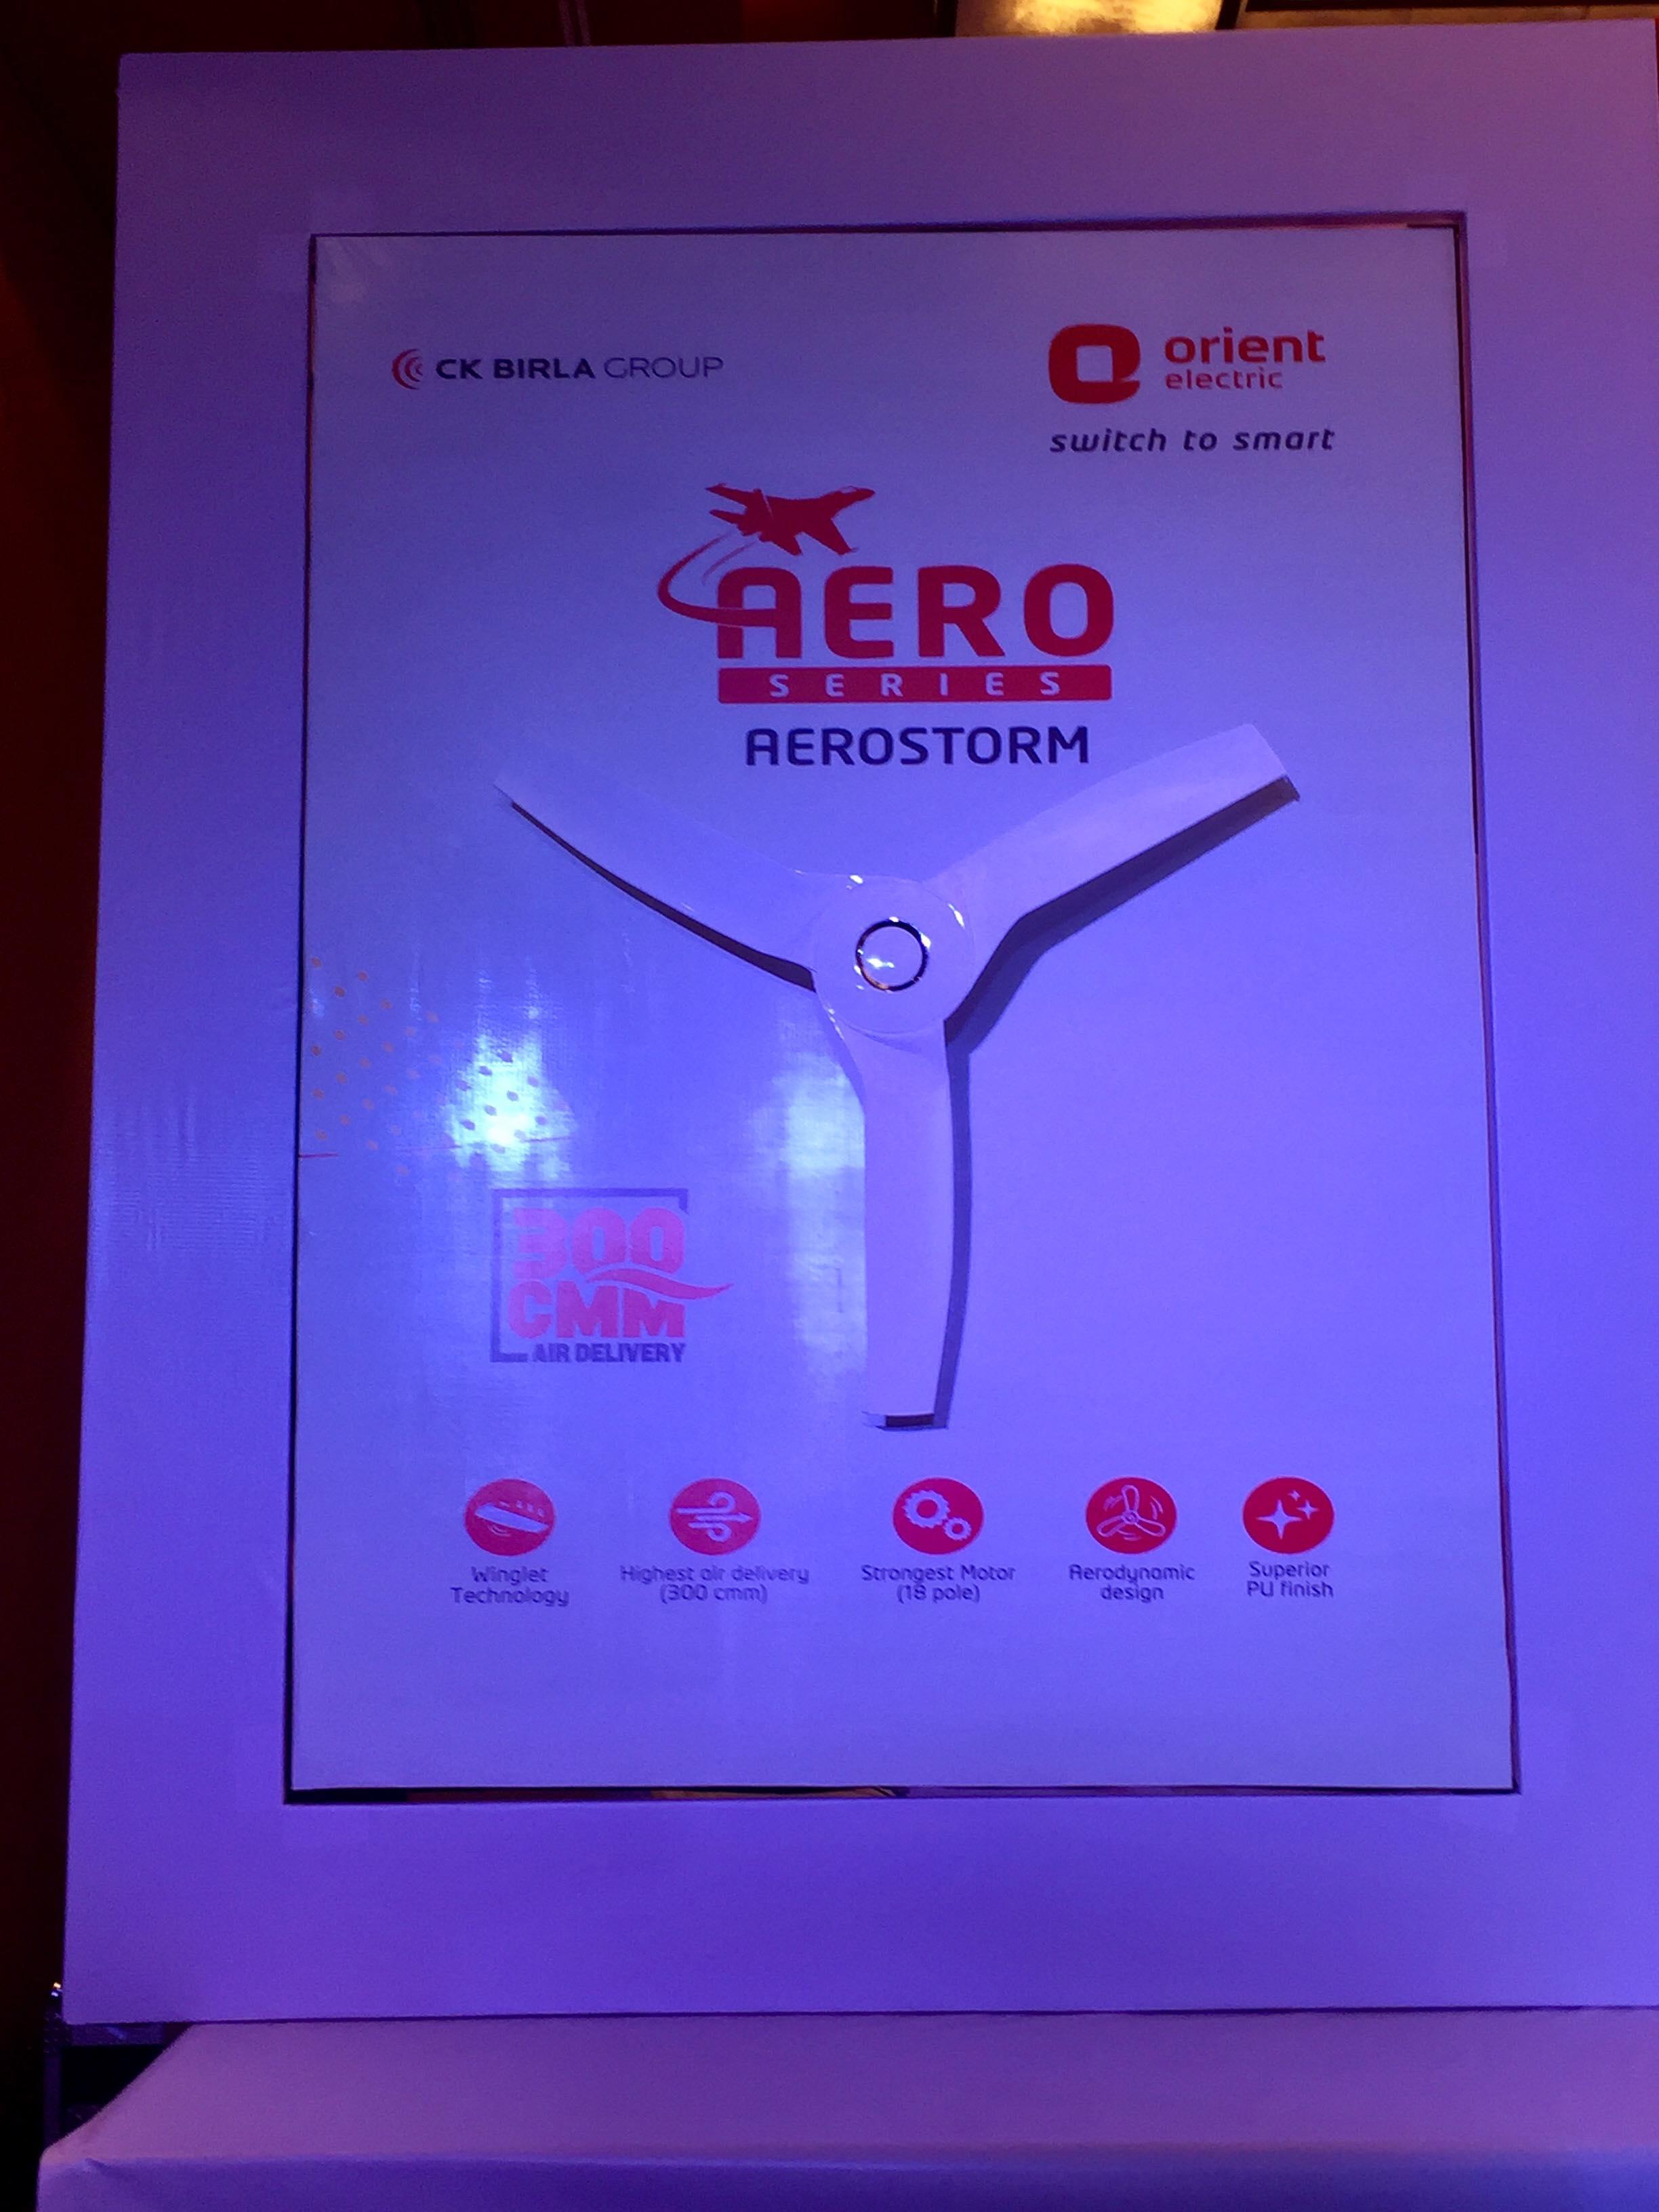 Orient AeroStorm Fan